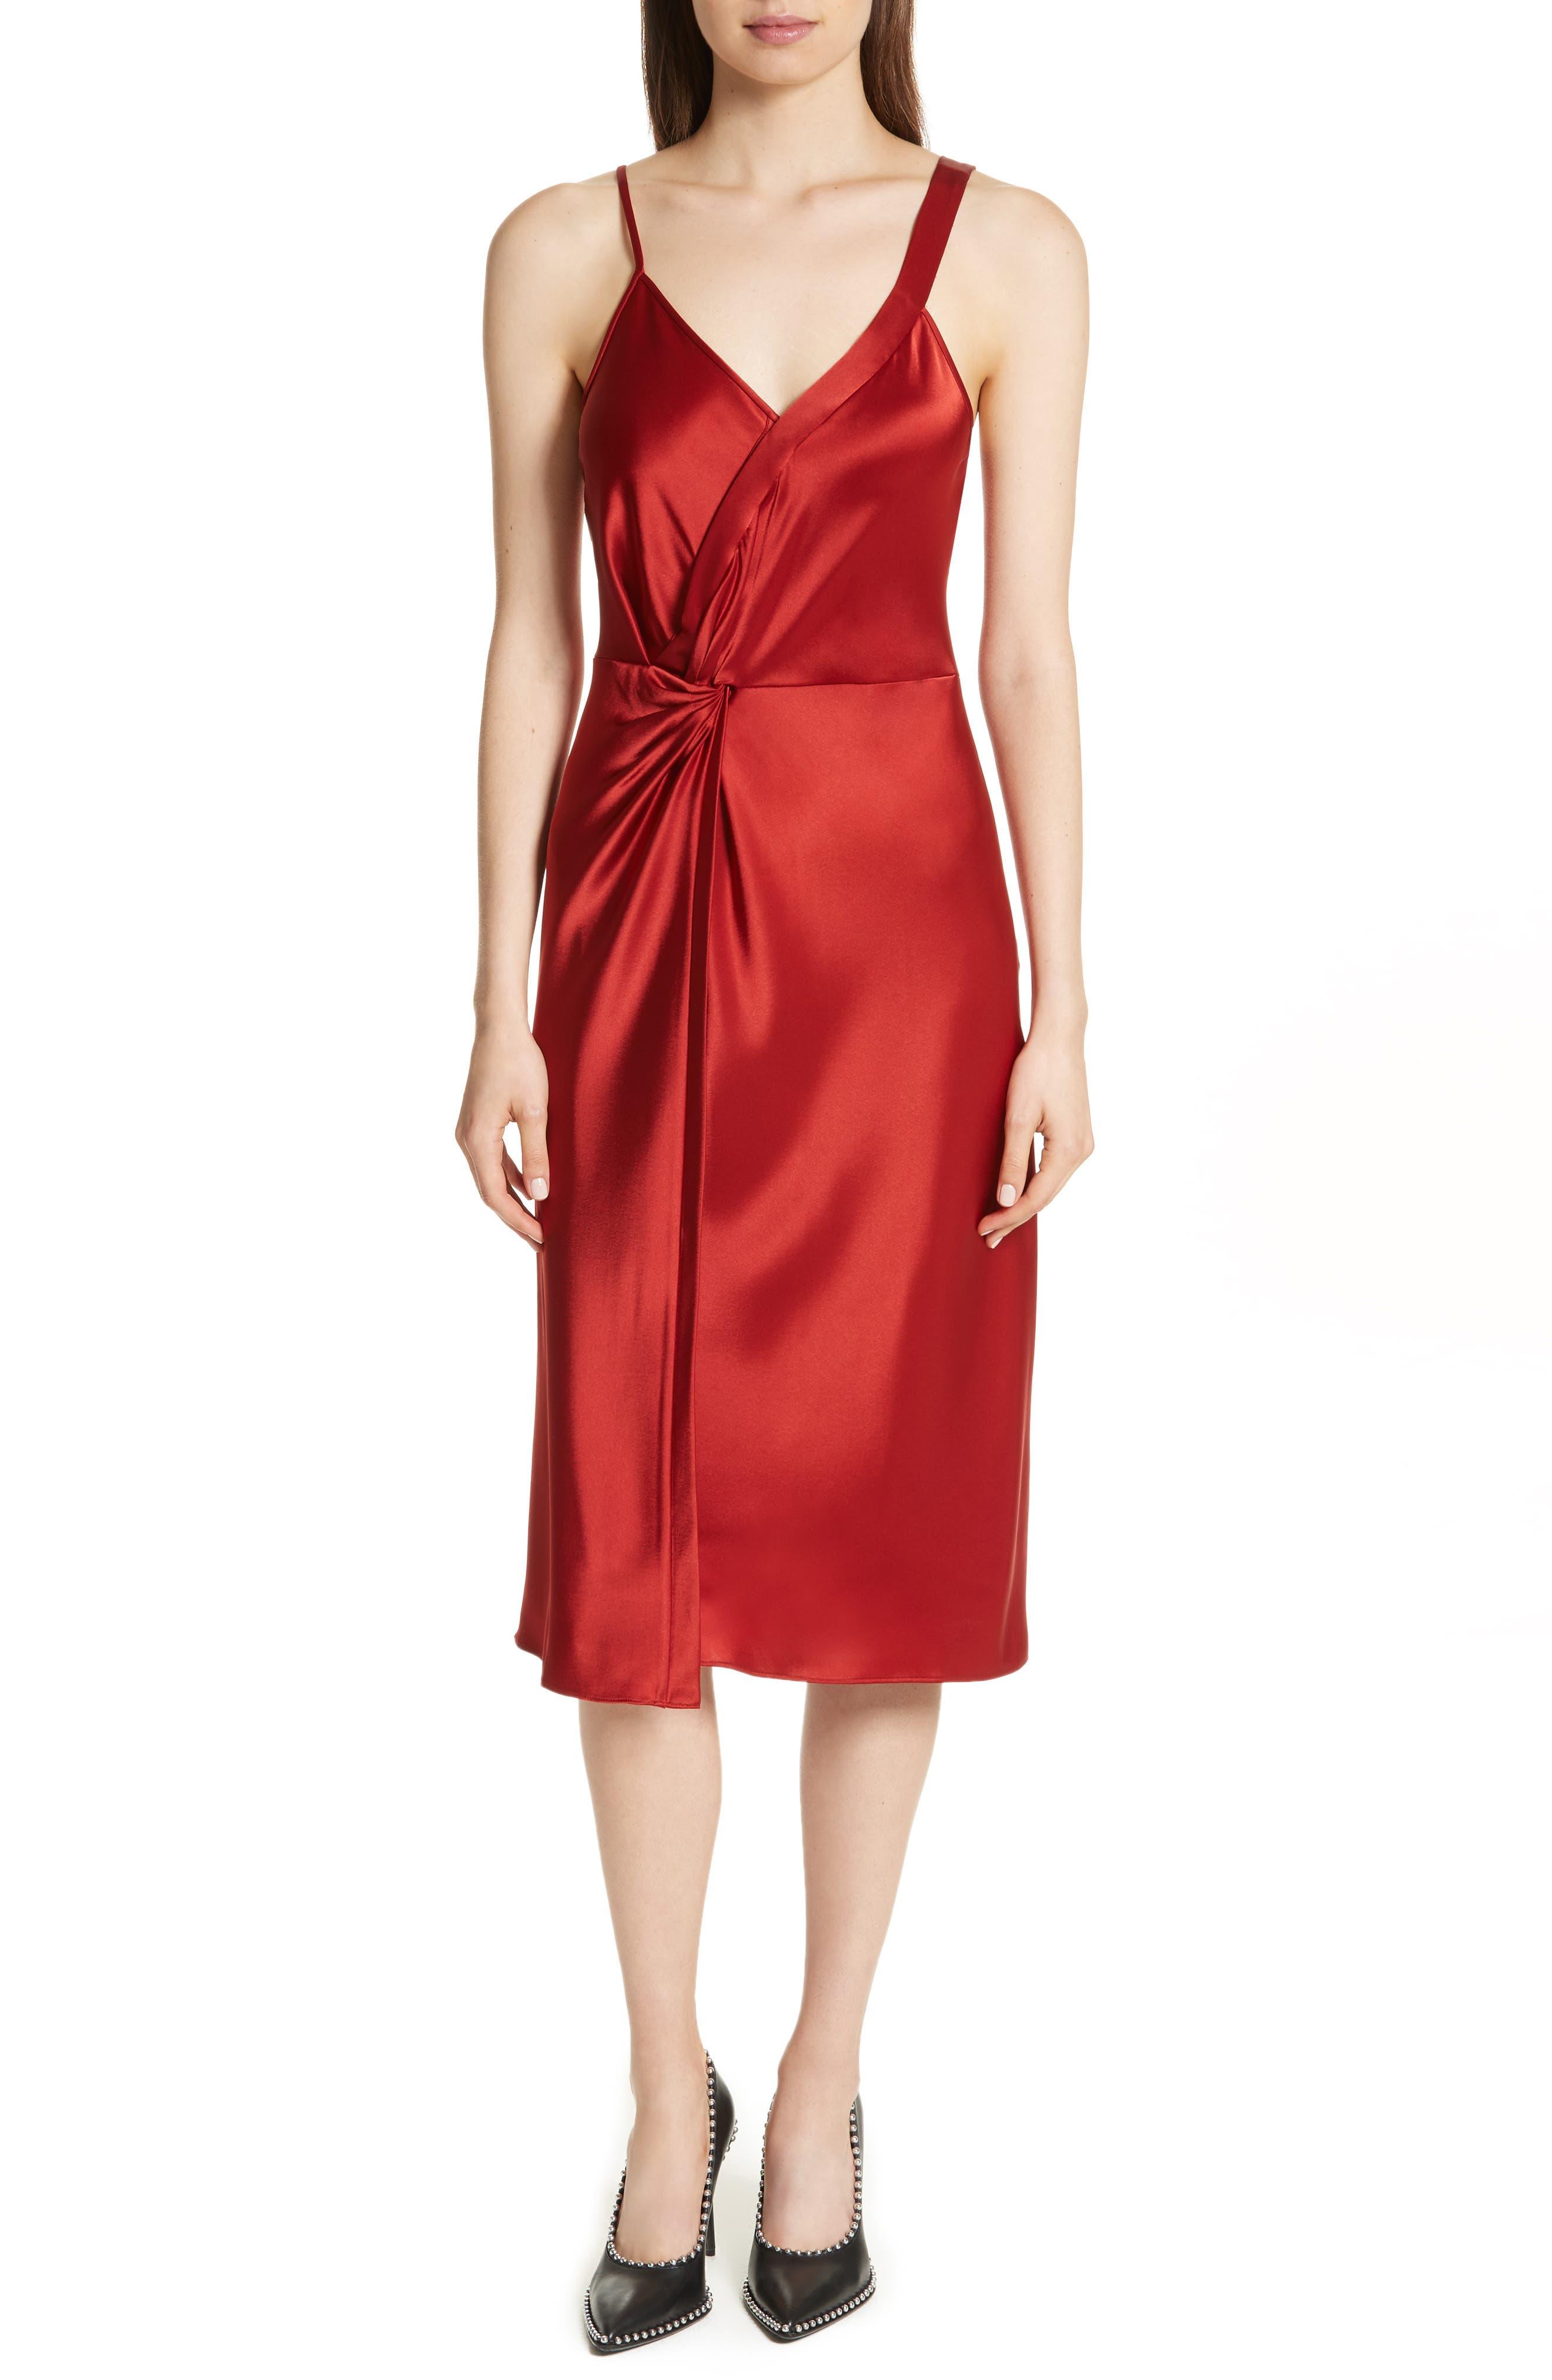 T by Alexander Wang Draped Satin Dress,                             Main thumbnail 1, color,                             610